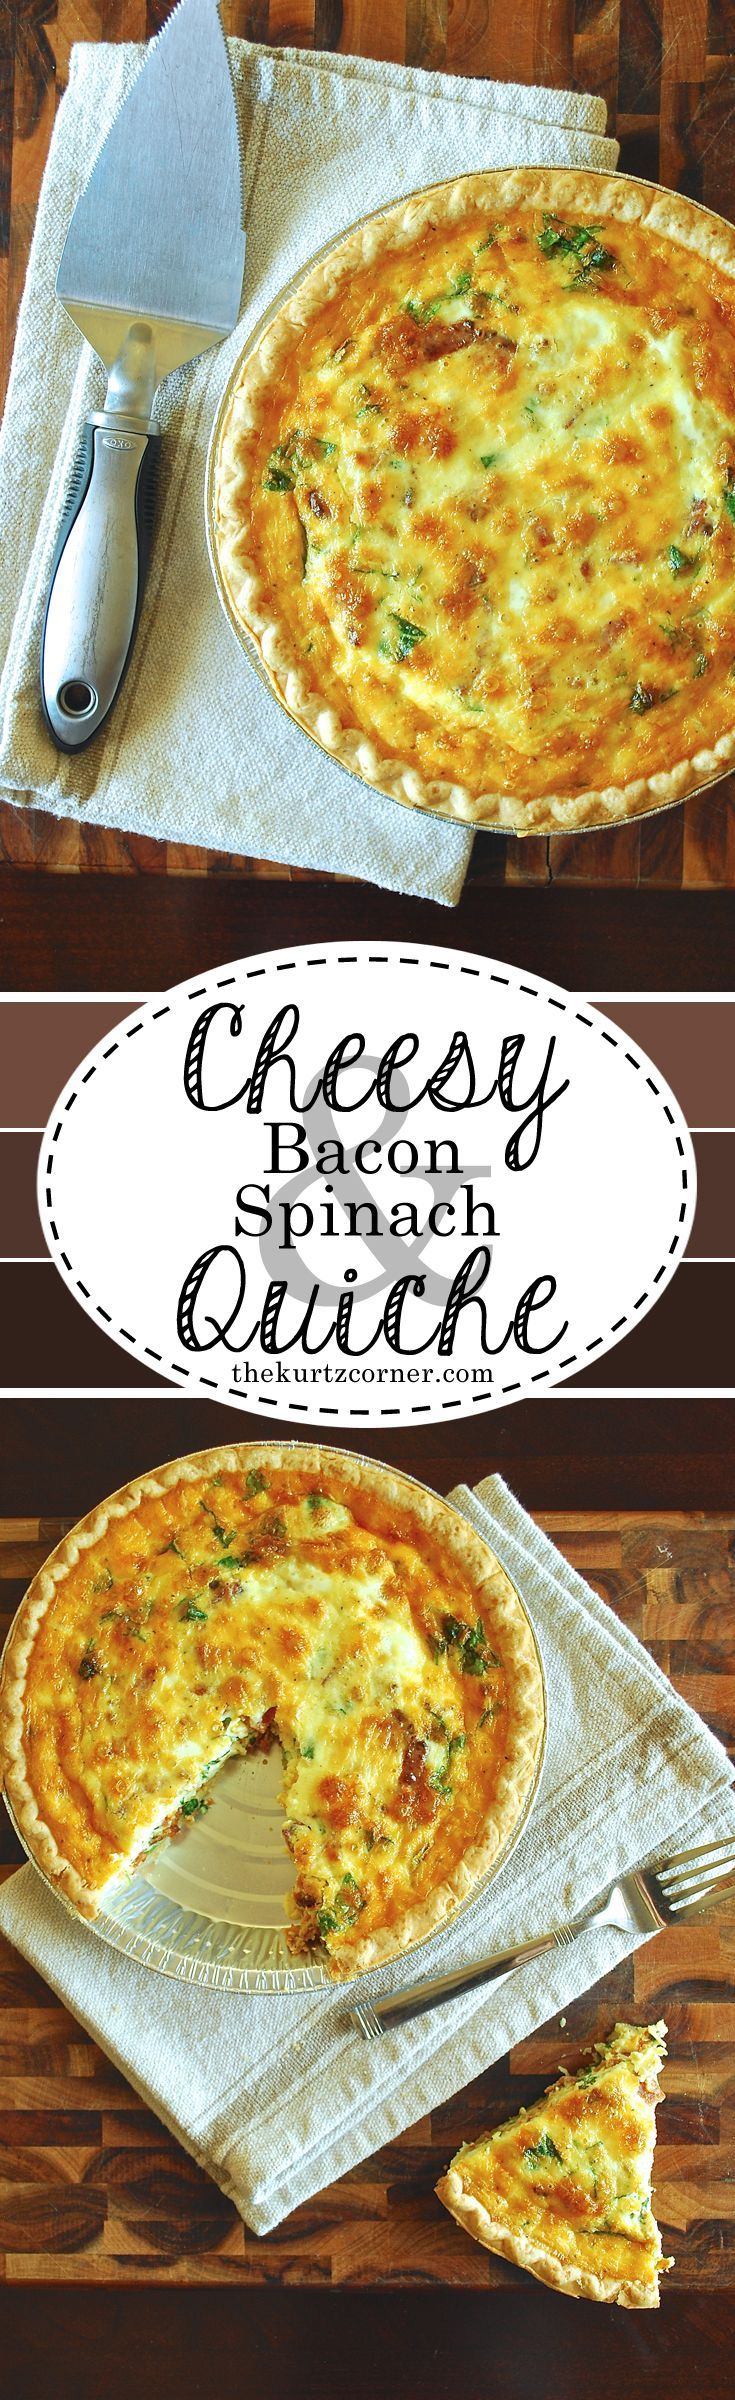 Cheesy Bacon & Spinach Quiche